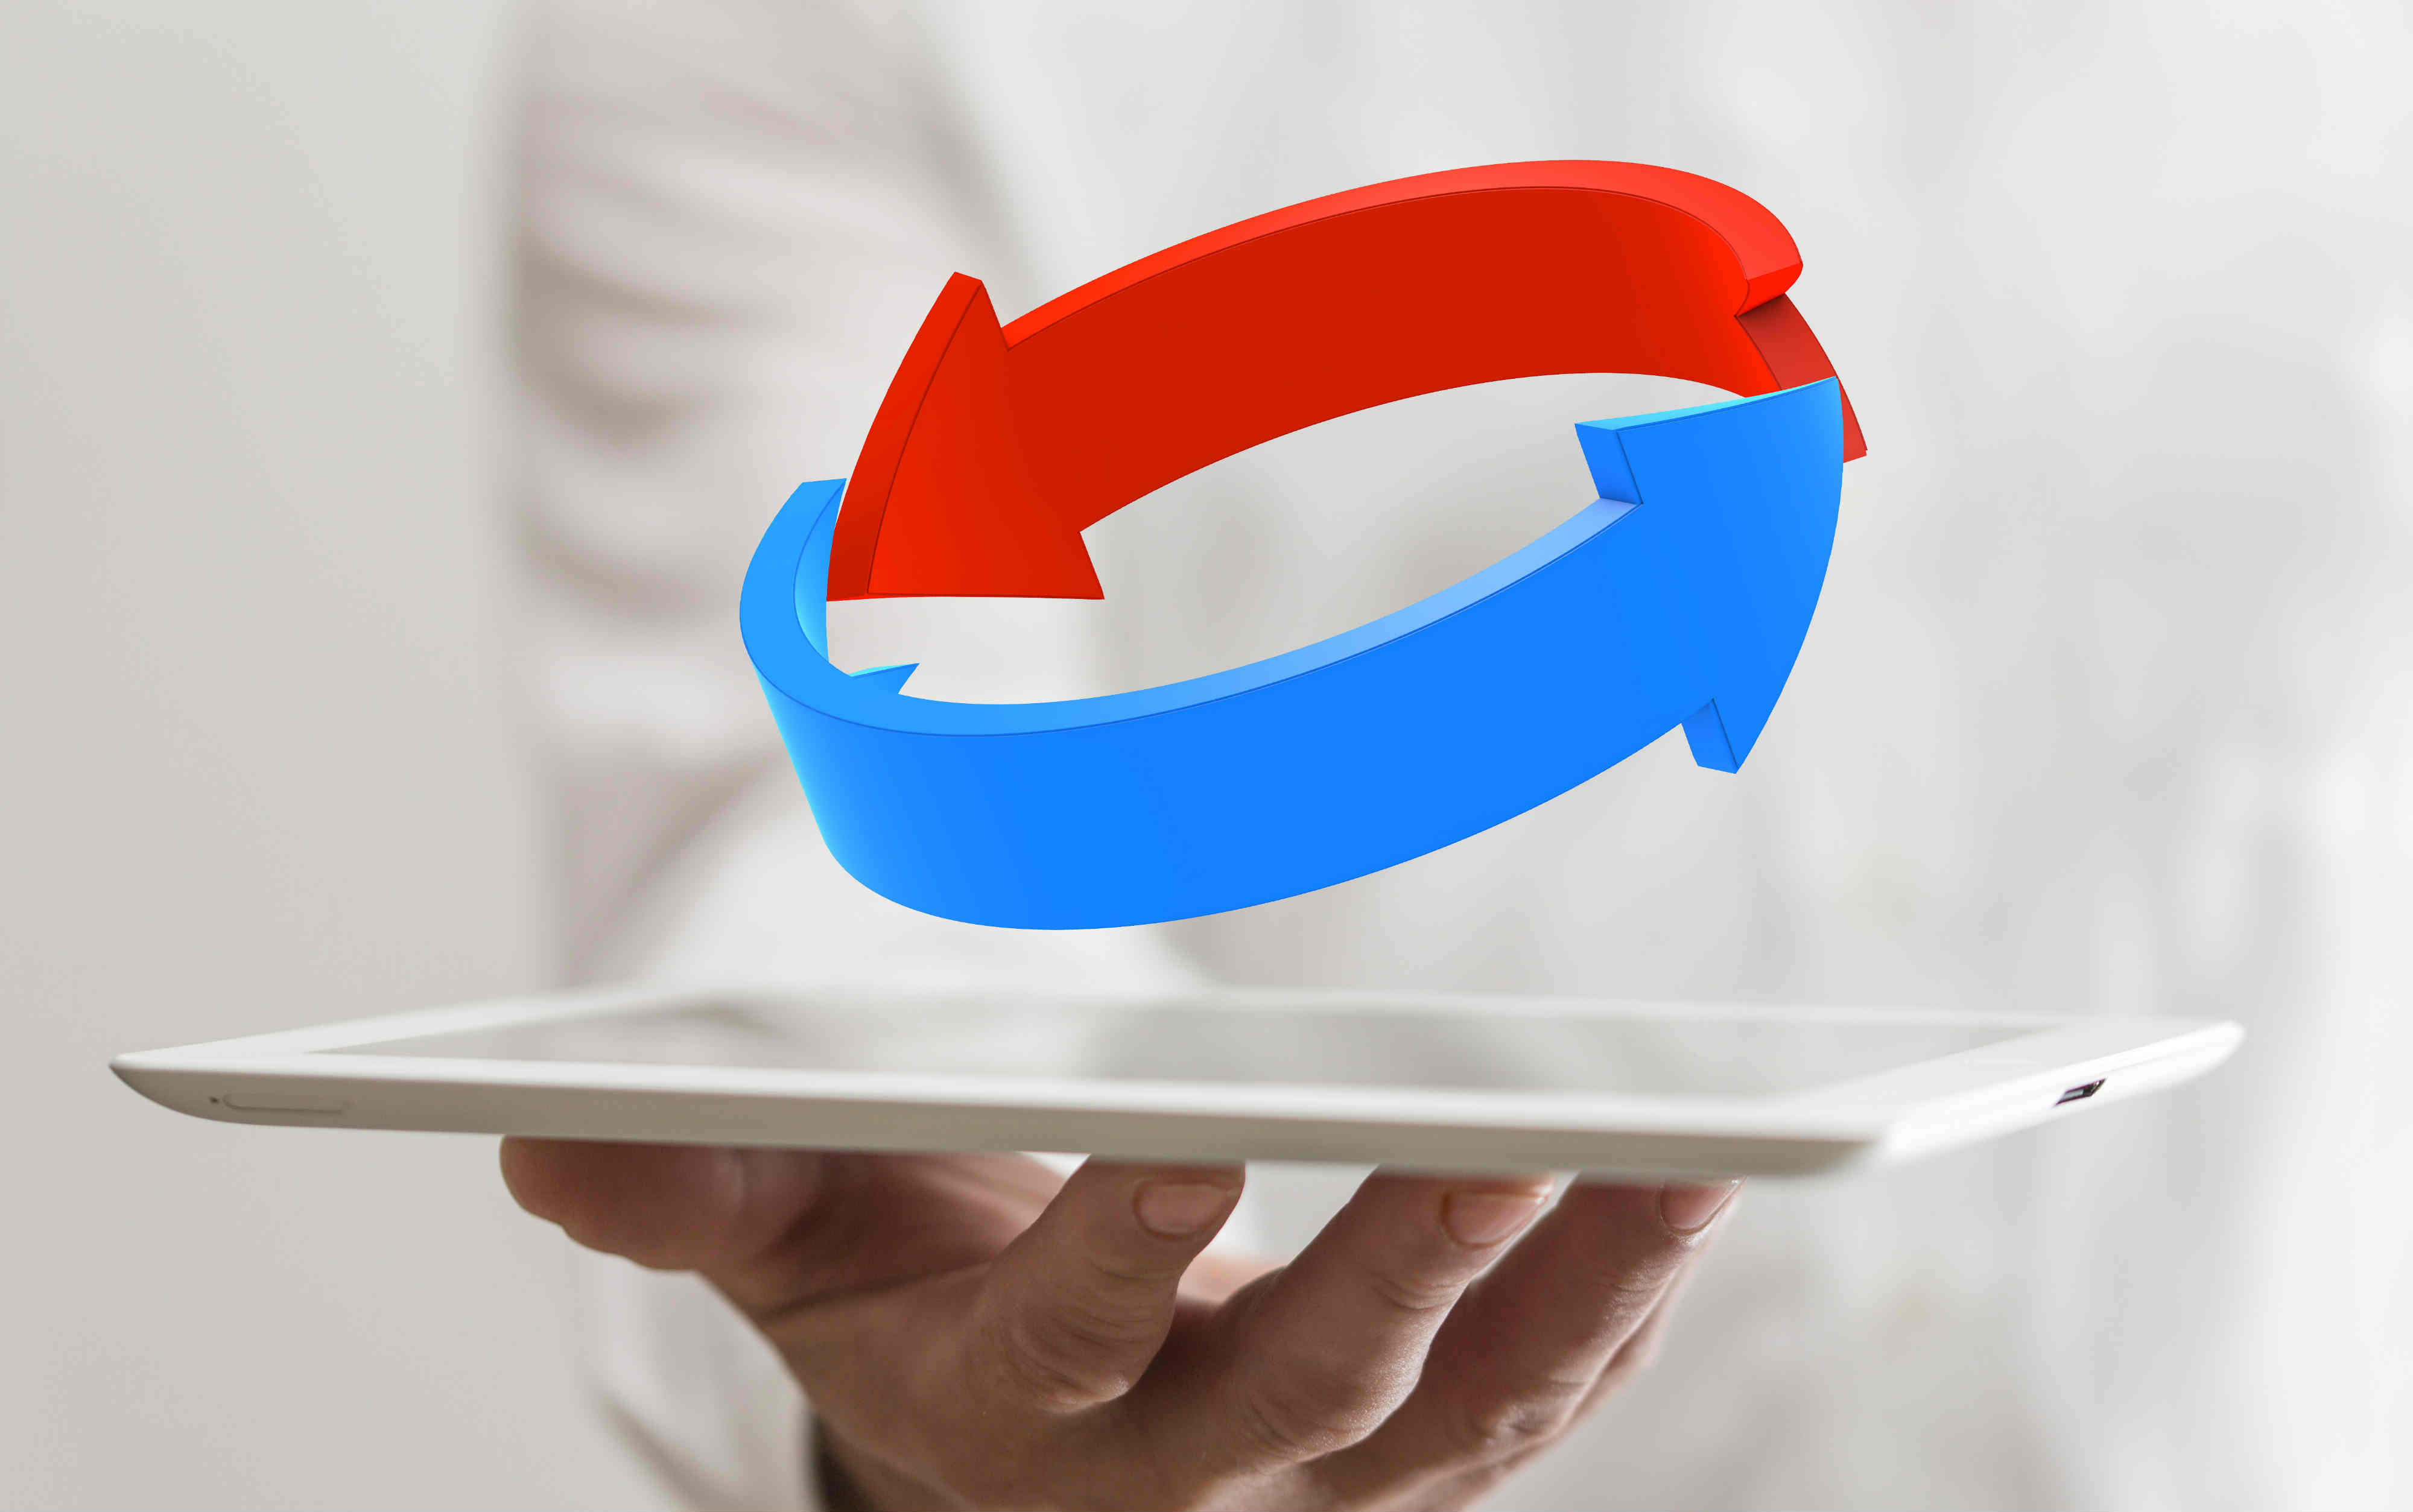 ソフトバンクへ携帯乗り換え(MNP)のベストな購入方法ランキング!